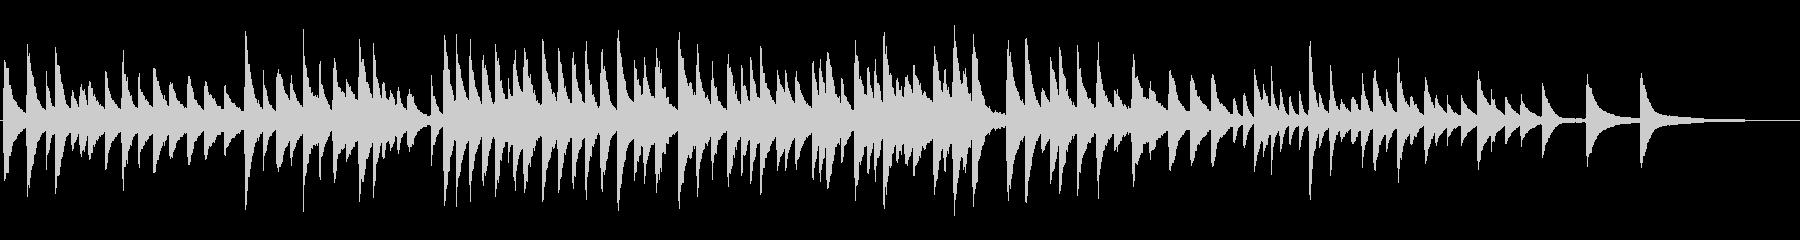 クリスマス「もろびとこぞりて」ピアノソロの未再生の波形